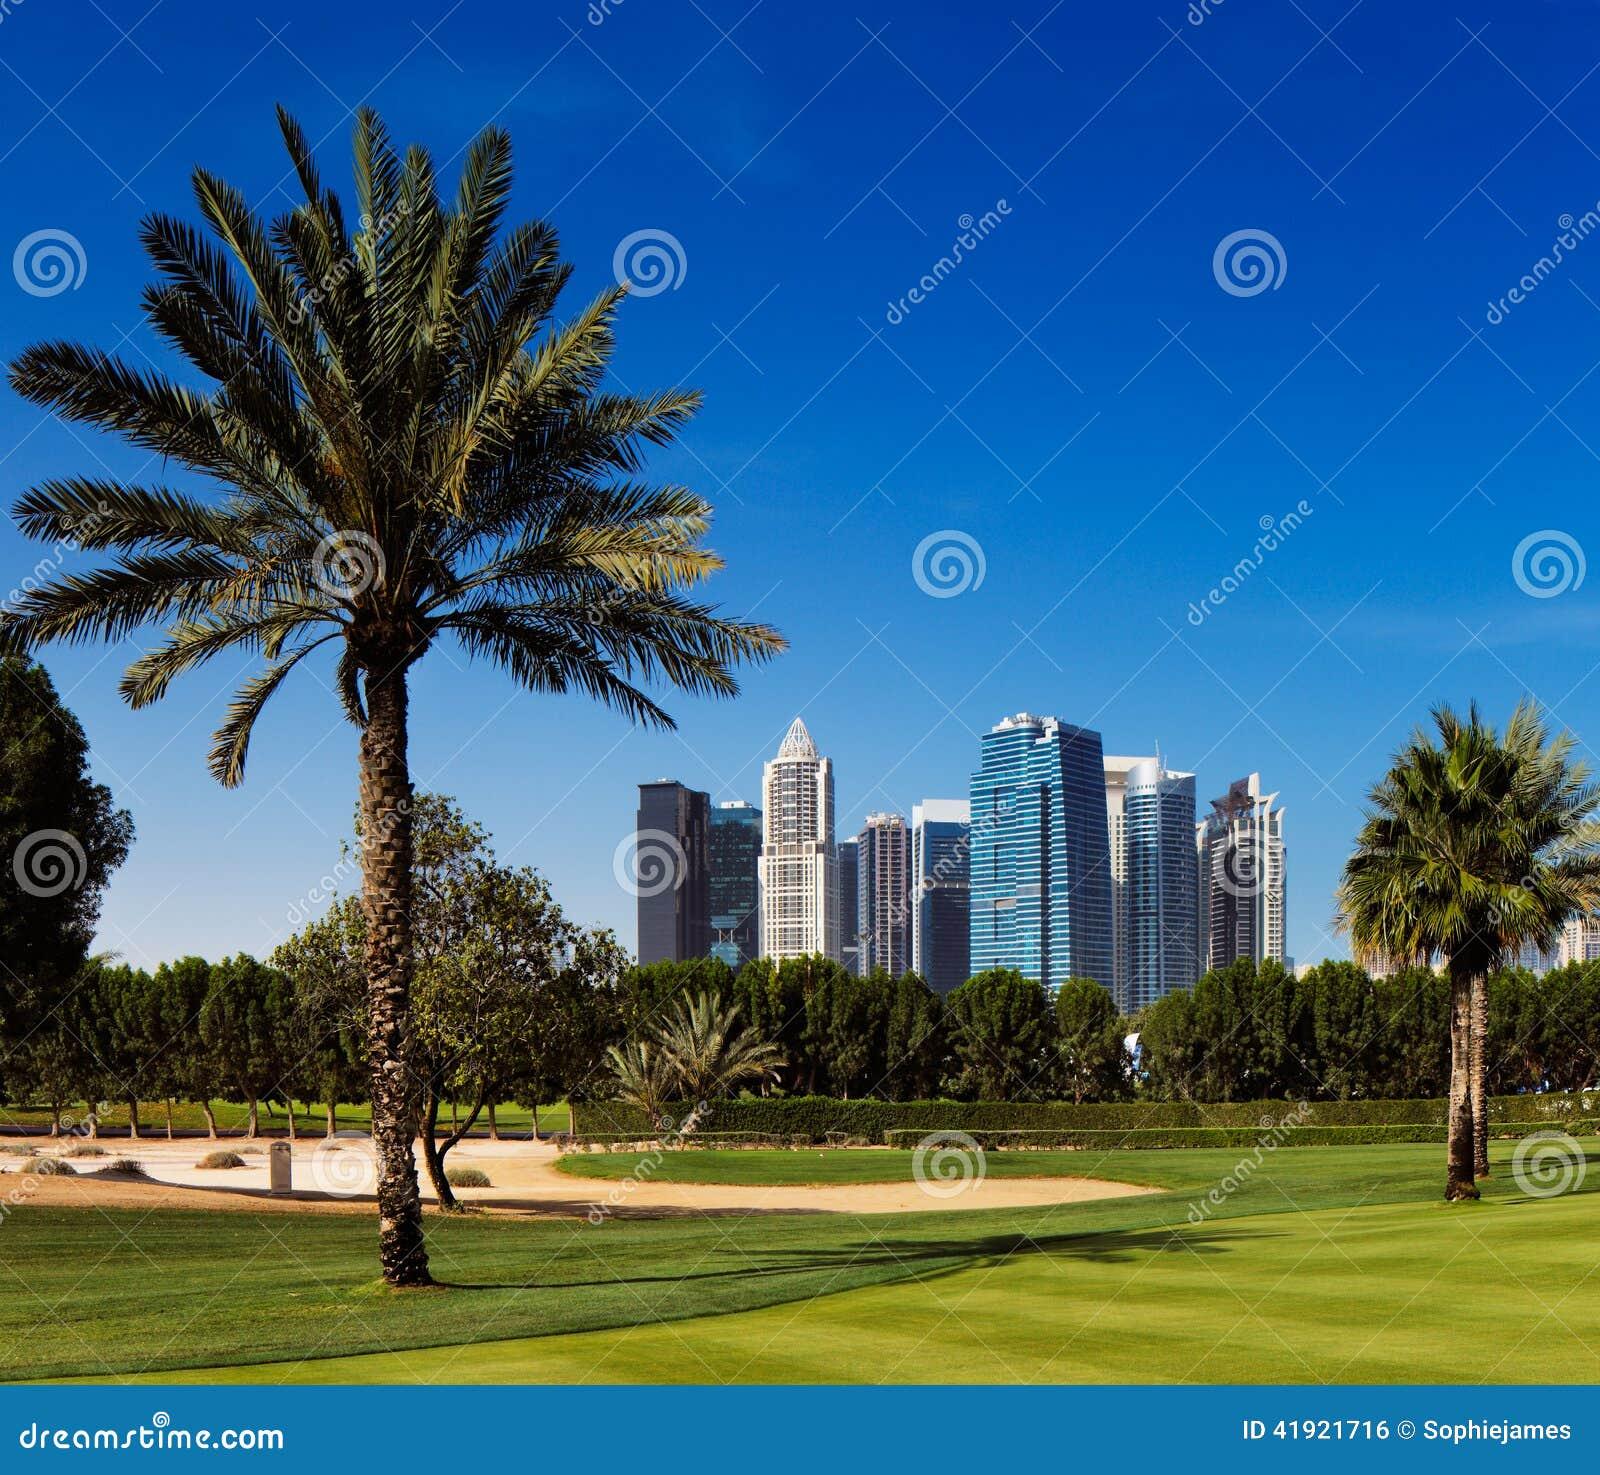 Teacom es un área desarrollada recientemente de Dubai, UAE